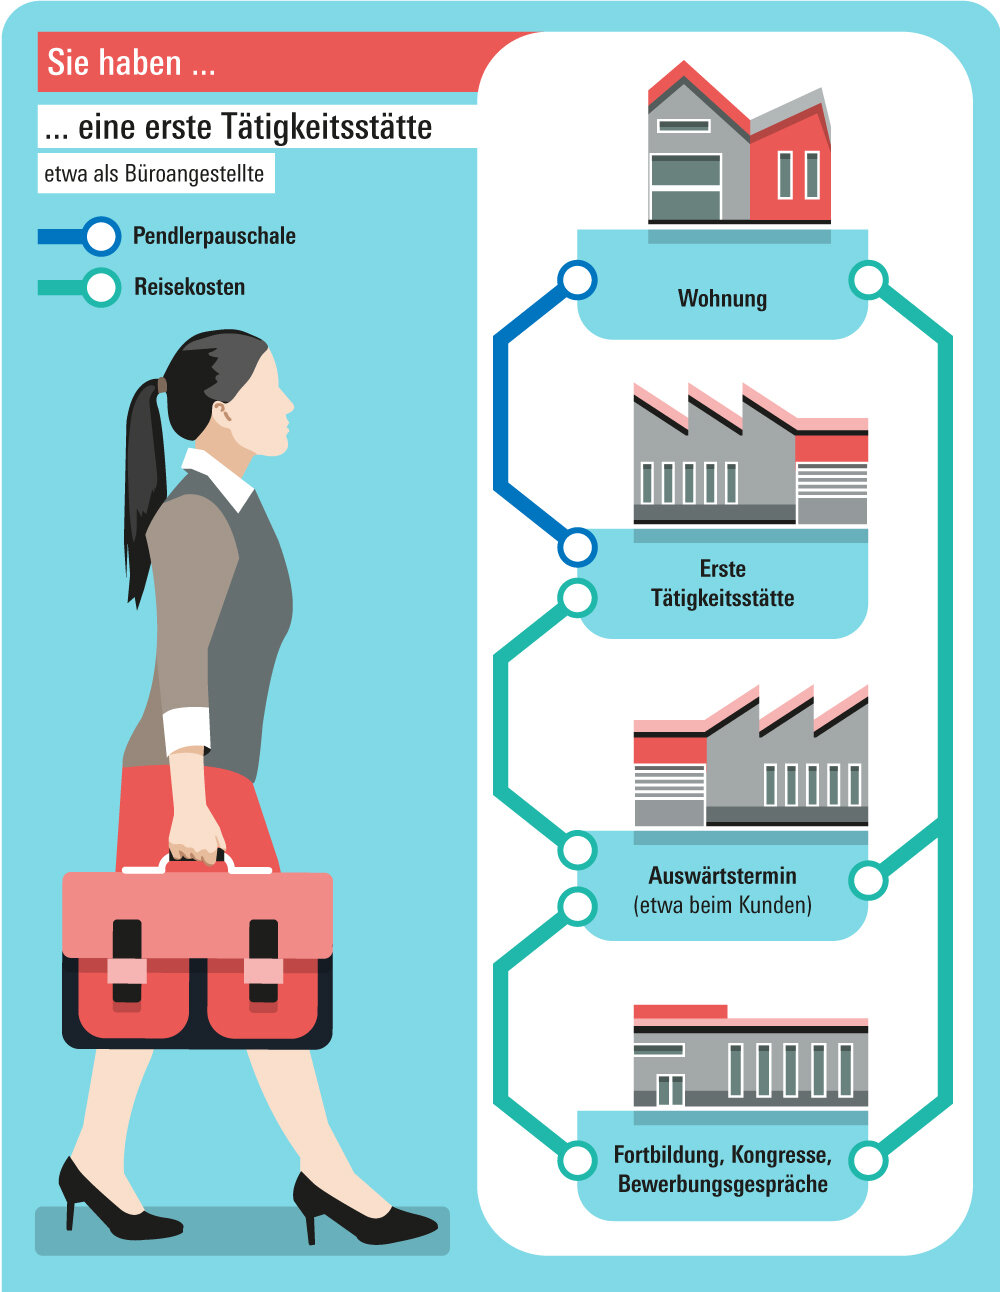 Pendlerpauschale und Reisekosten - Fahrtkosten für Arbeitswege richtig absetzen